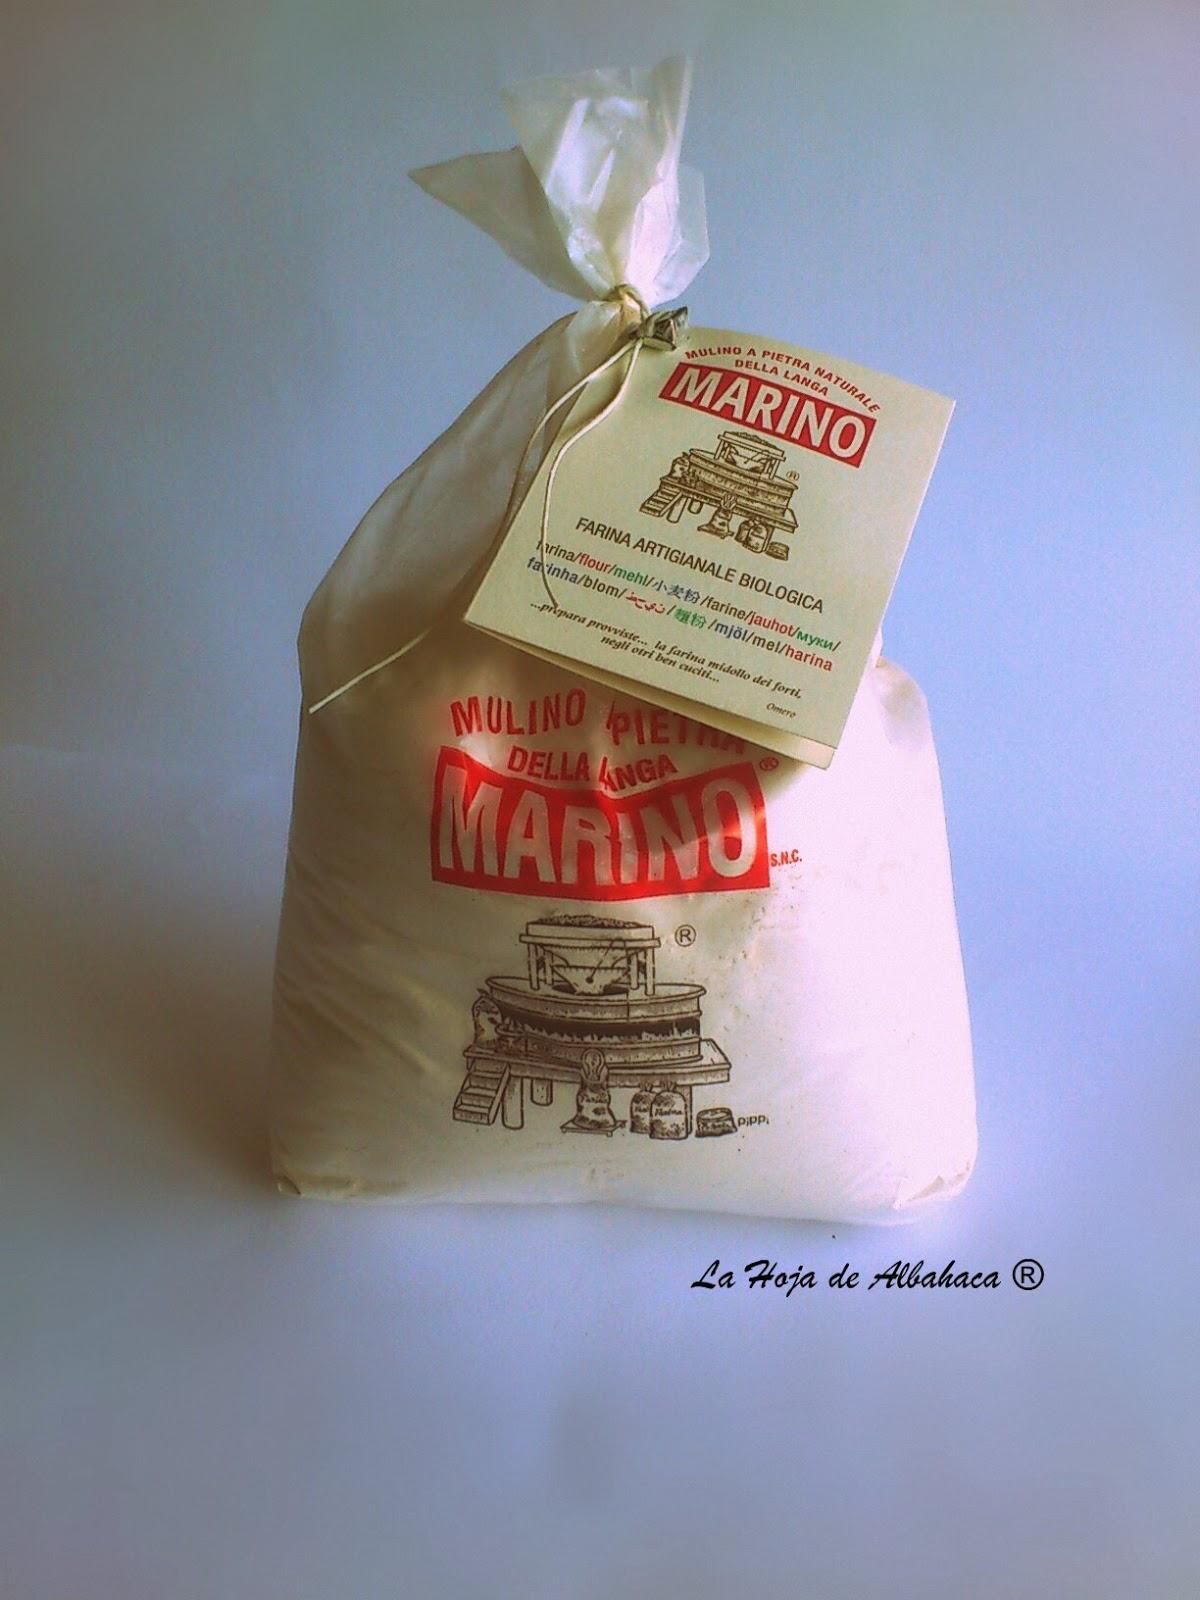 Harina ecológica, Mulino Marino, Harina 00, harina para pizza, harina de trigo duro, harina de trigo sarraceno, harina de espelta